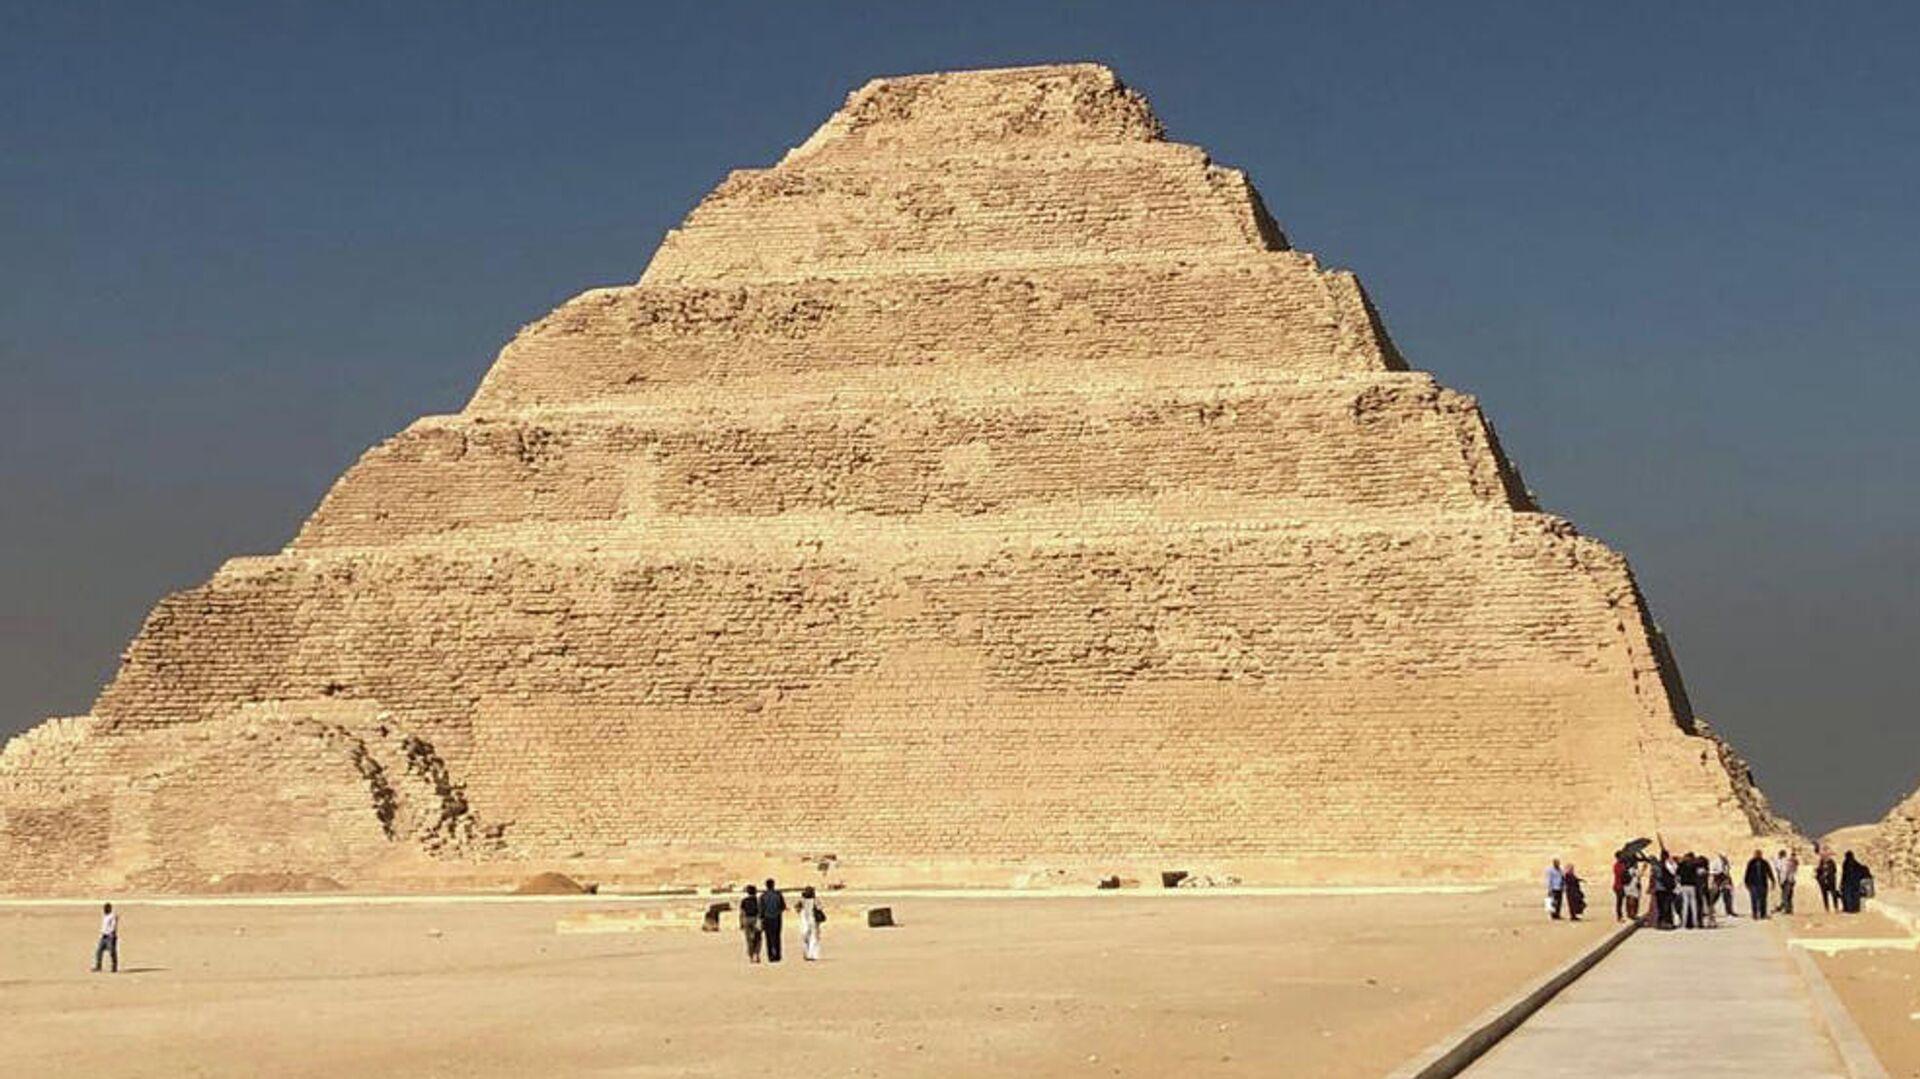 Пирамида Джосера в Каире, Египет - РИА Новости, 1920, 01.12.2020